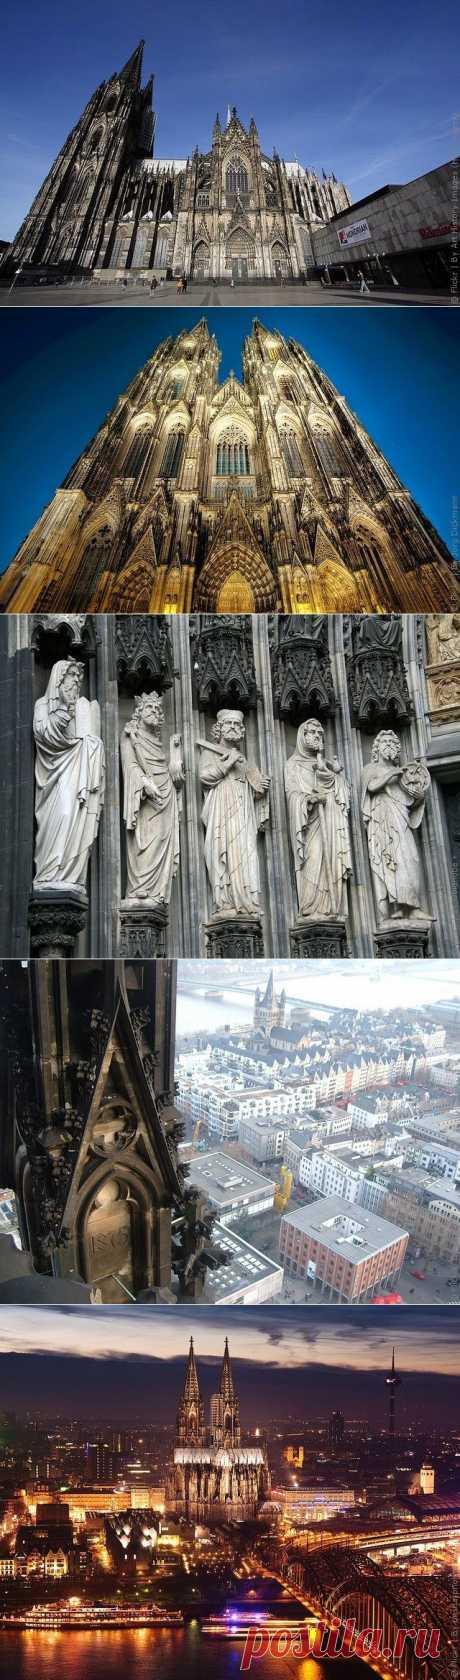 Кёльнский собор в Германии, фото собора, история и описание